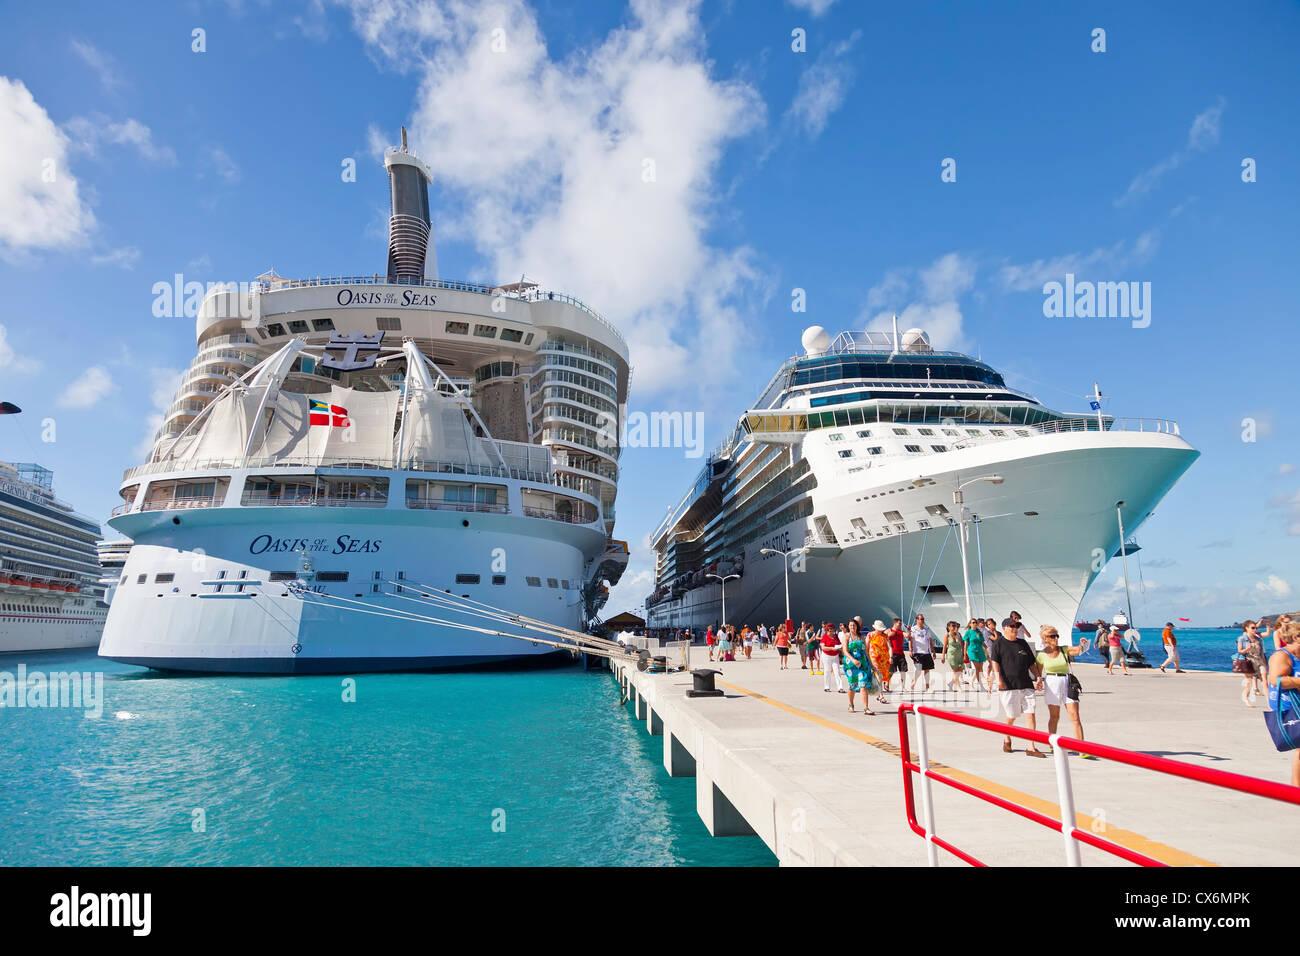 Cruise Ships In Port Of Philipsburg St Maarten Stock Photo - Philipsburg st maarten cruise ship schedule